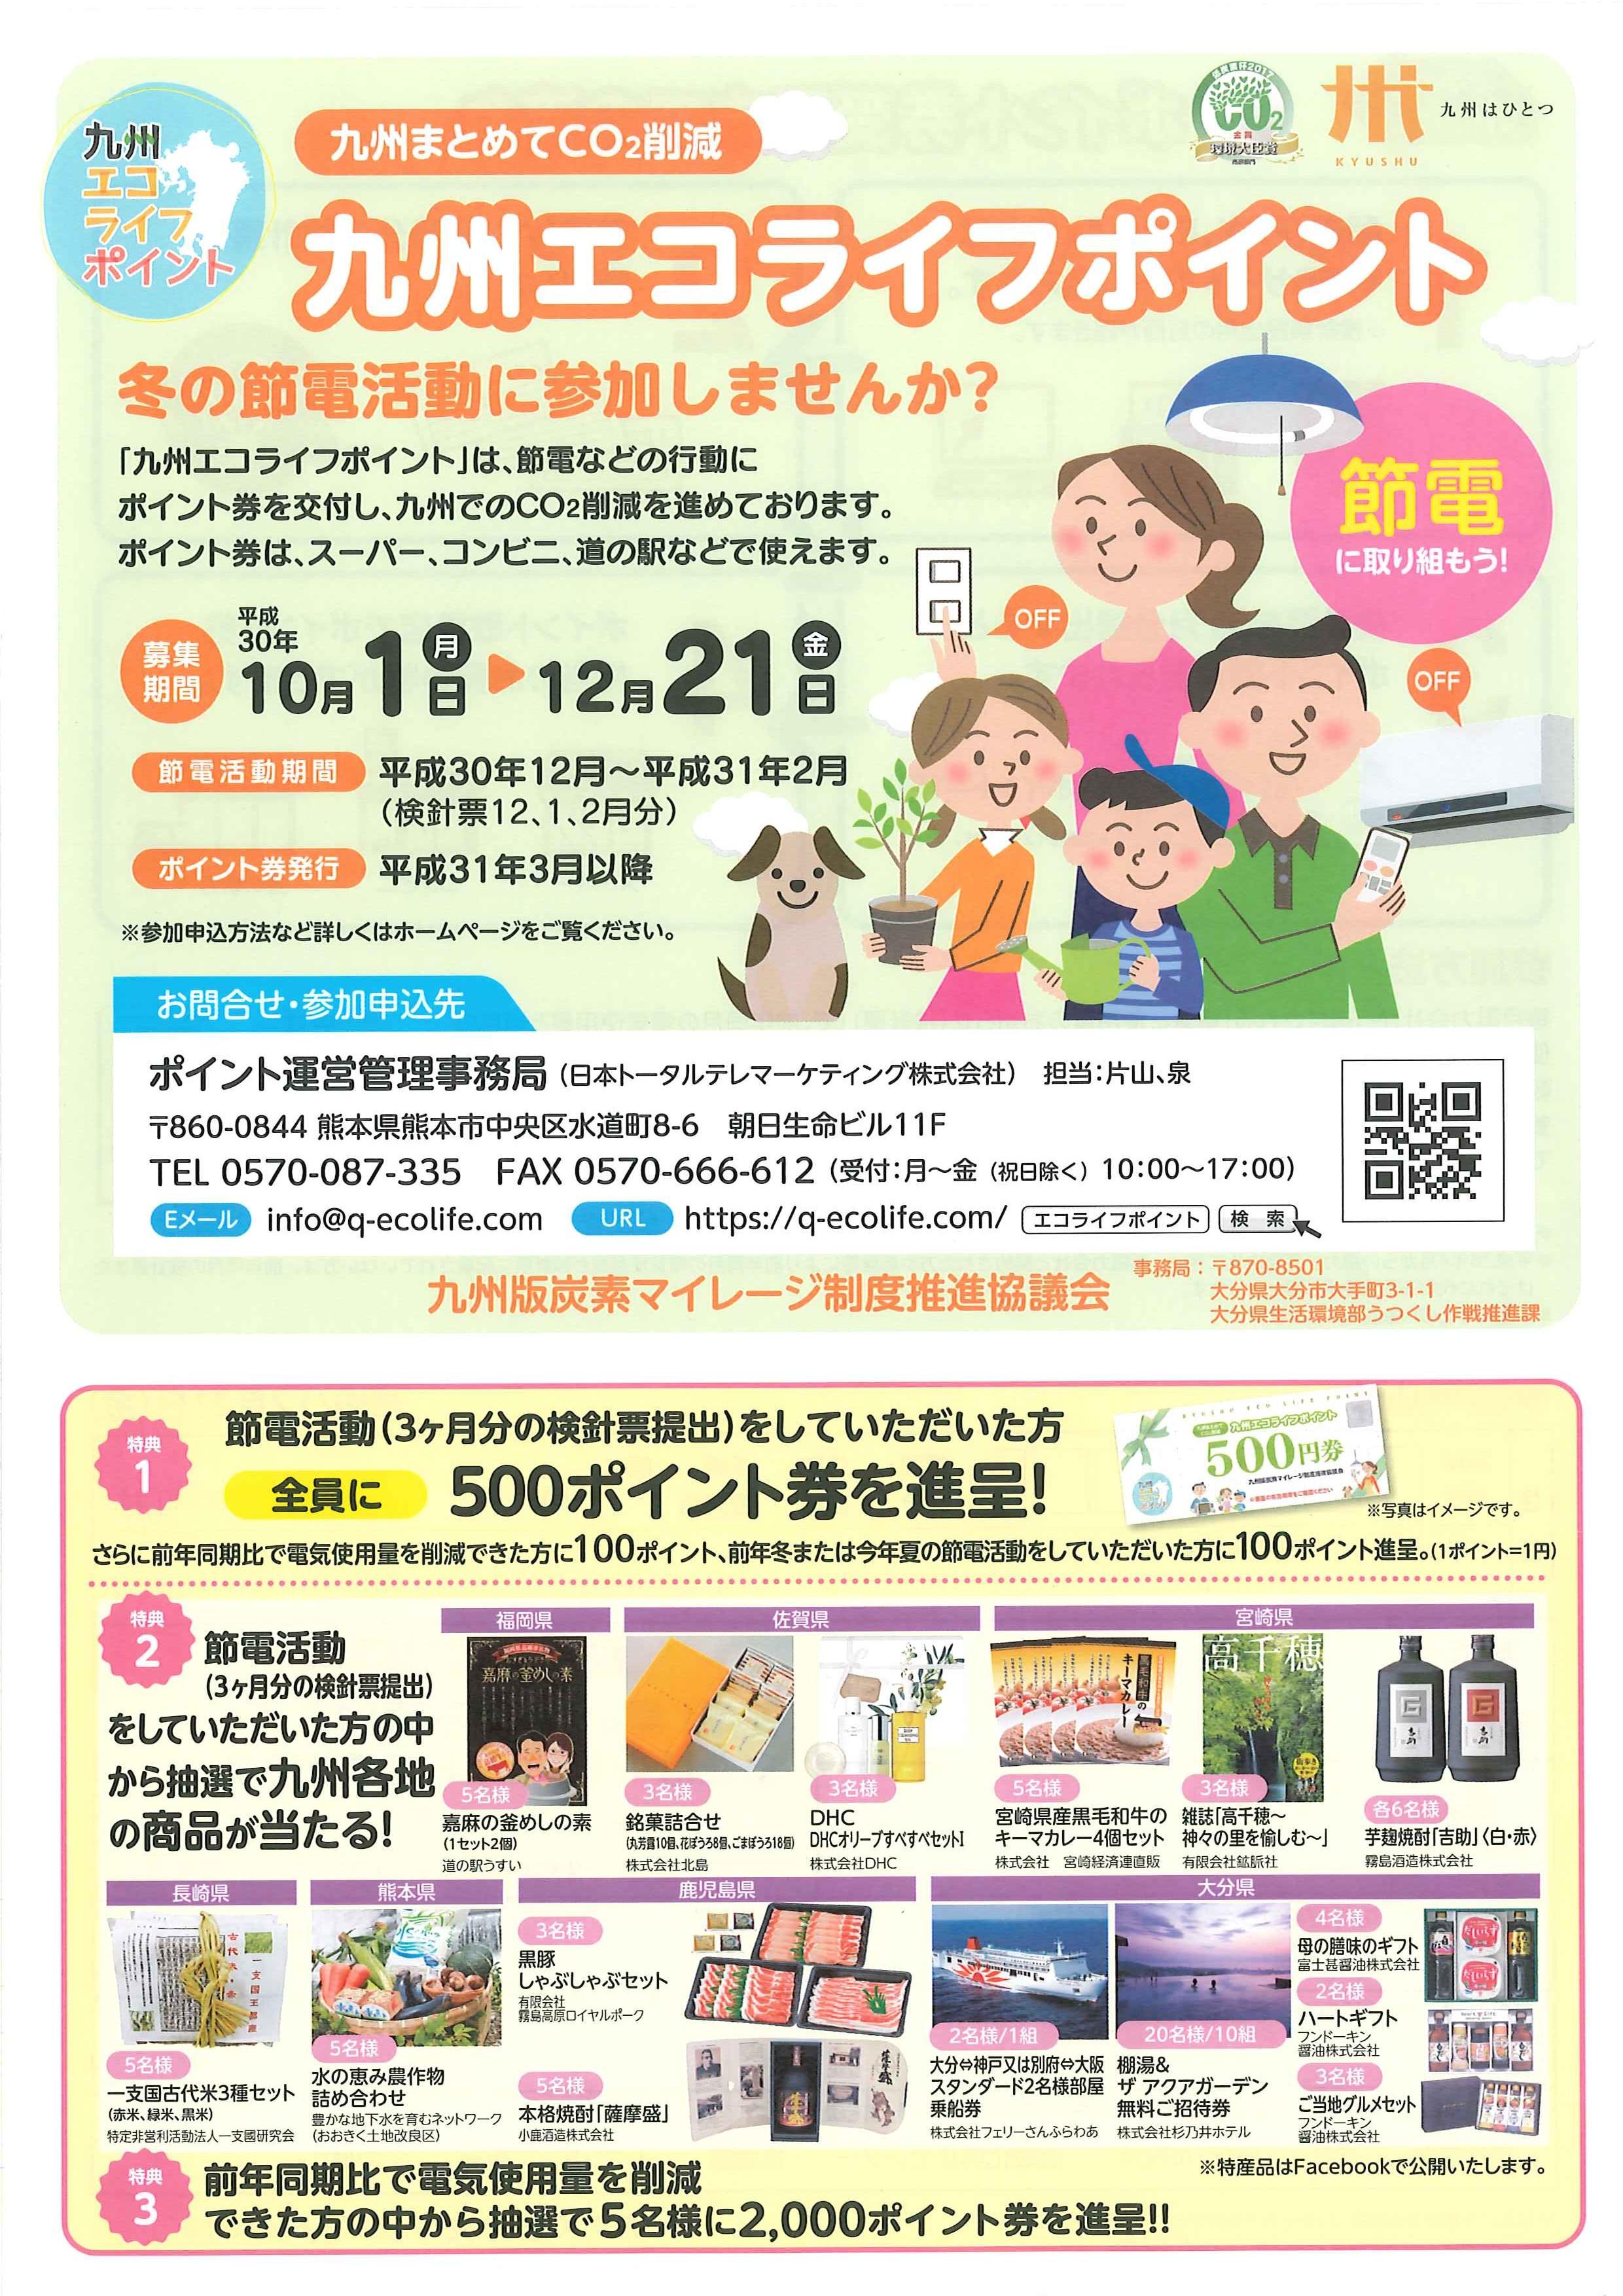 九州エコライフポイント事業